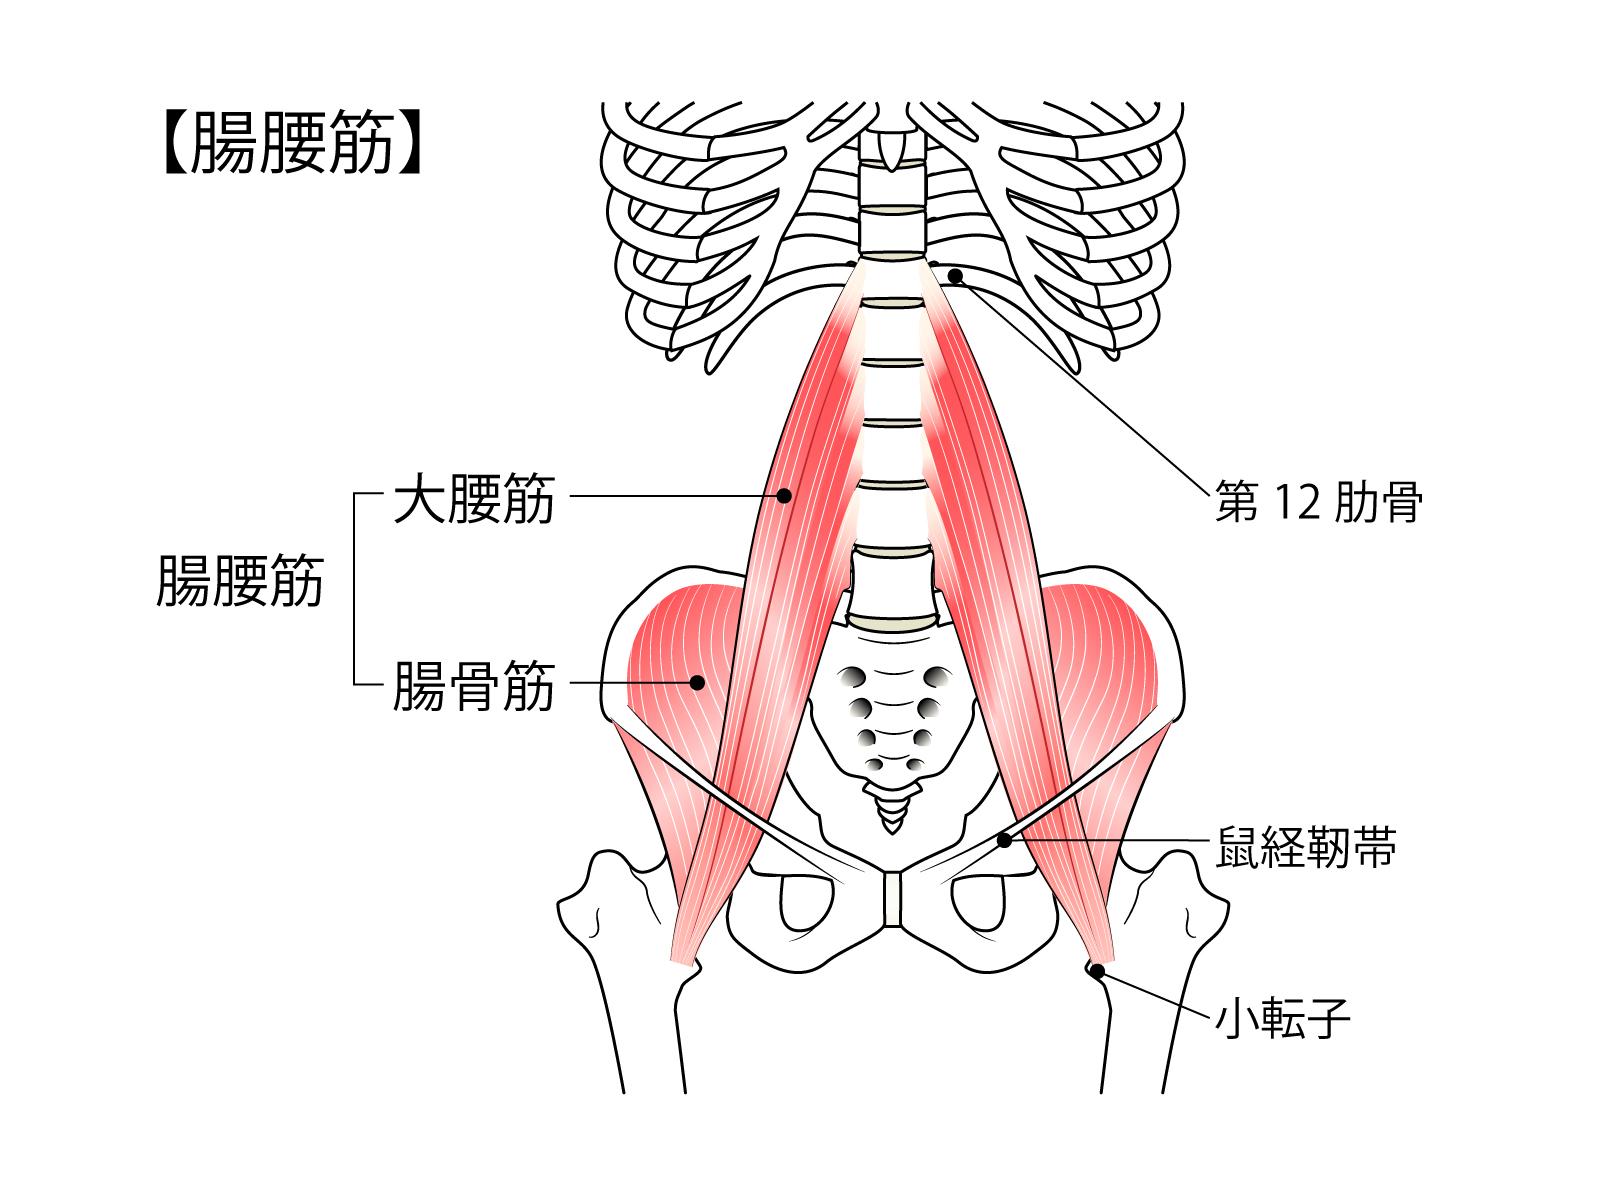 腰痛を悪化させないためにストレッチを行おう!奈良県生駒市えだ鍼灸整骨院・整体院